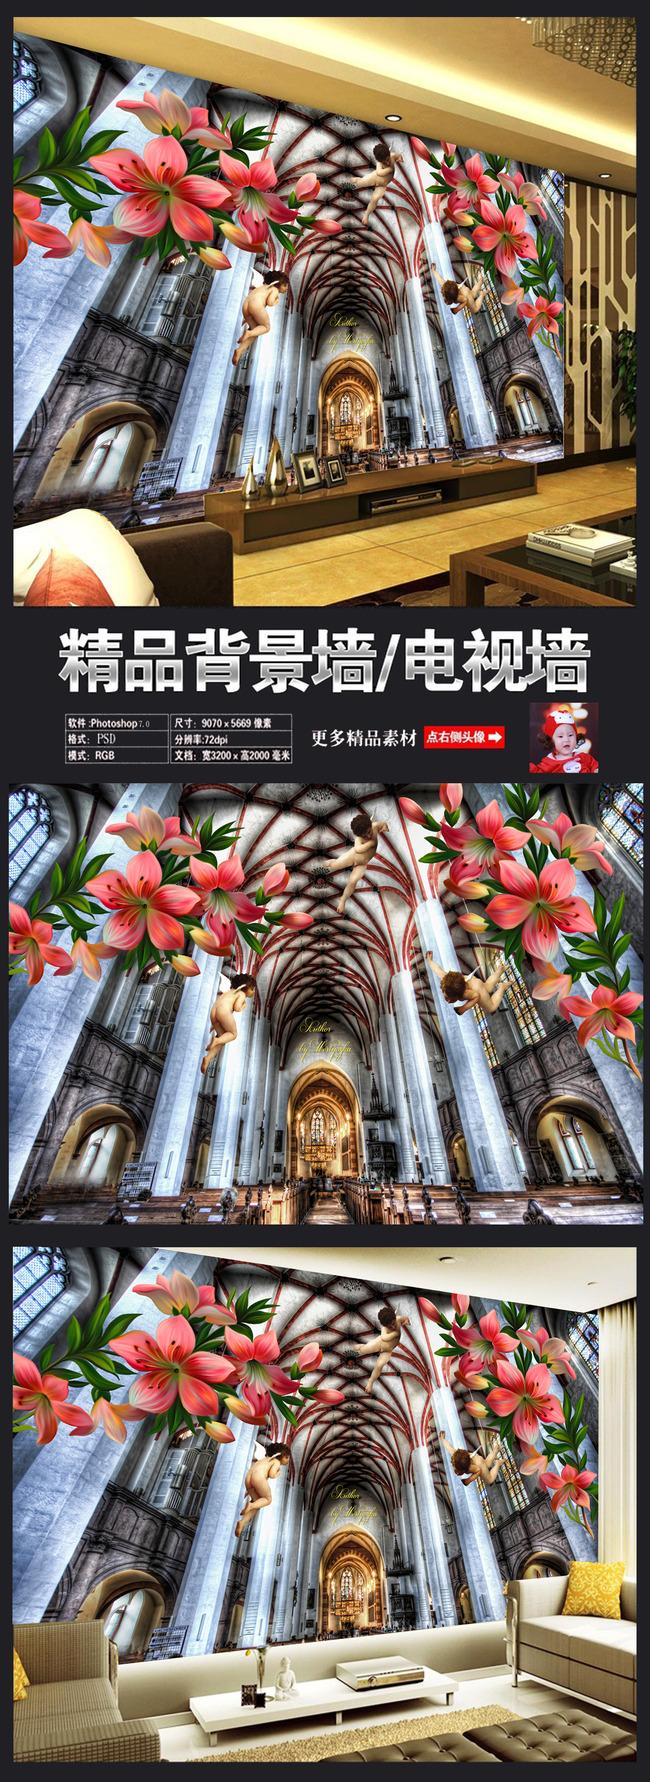 欧式3d教堂天使背景装饰墙下载